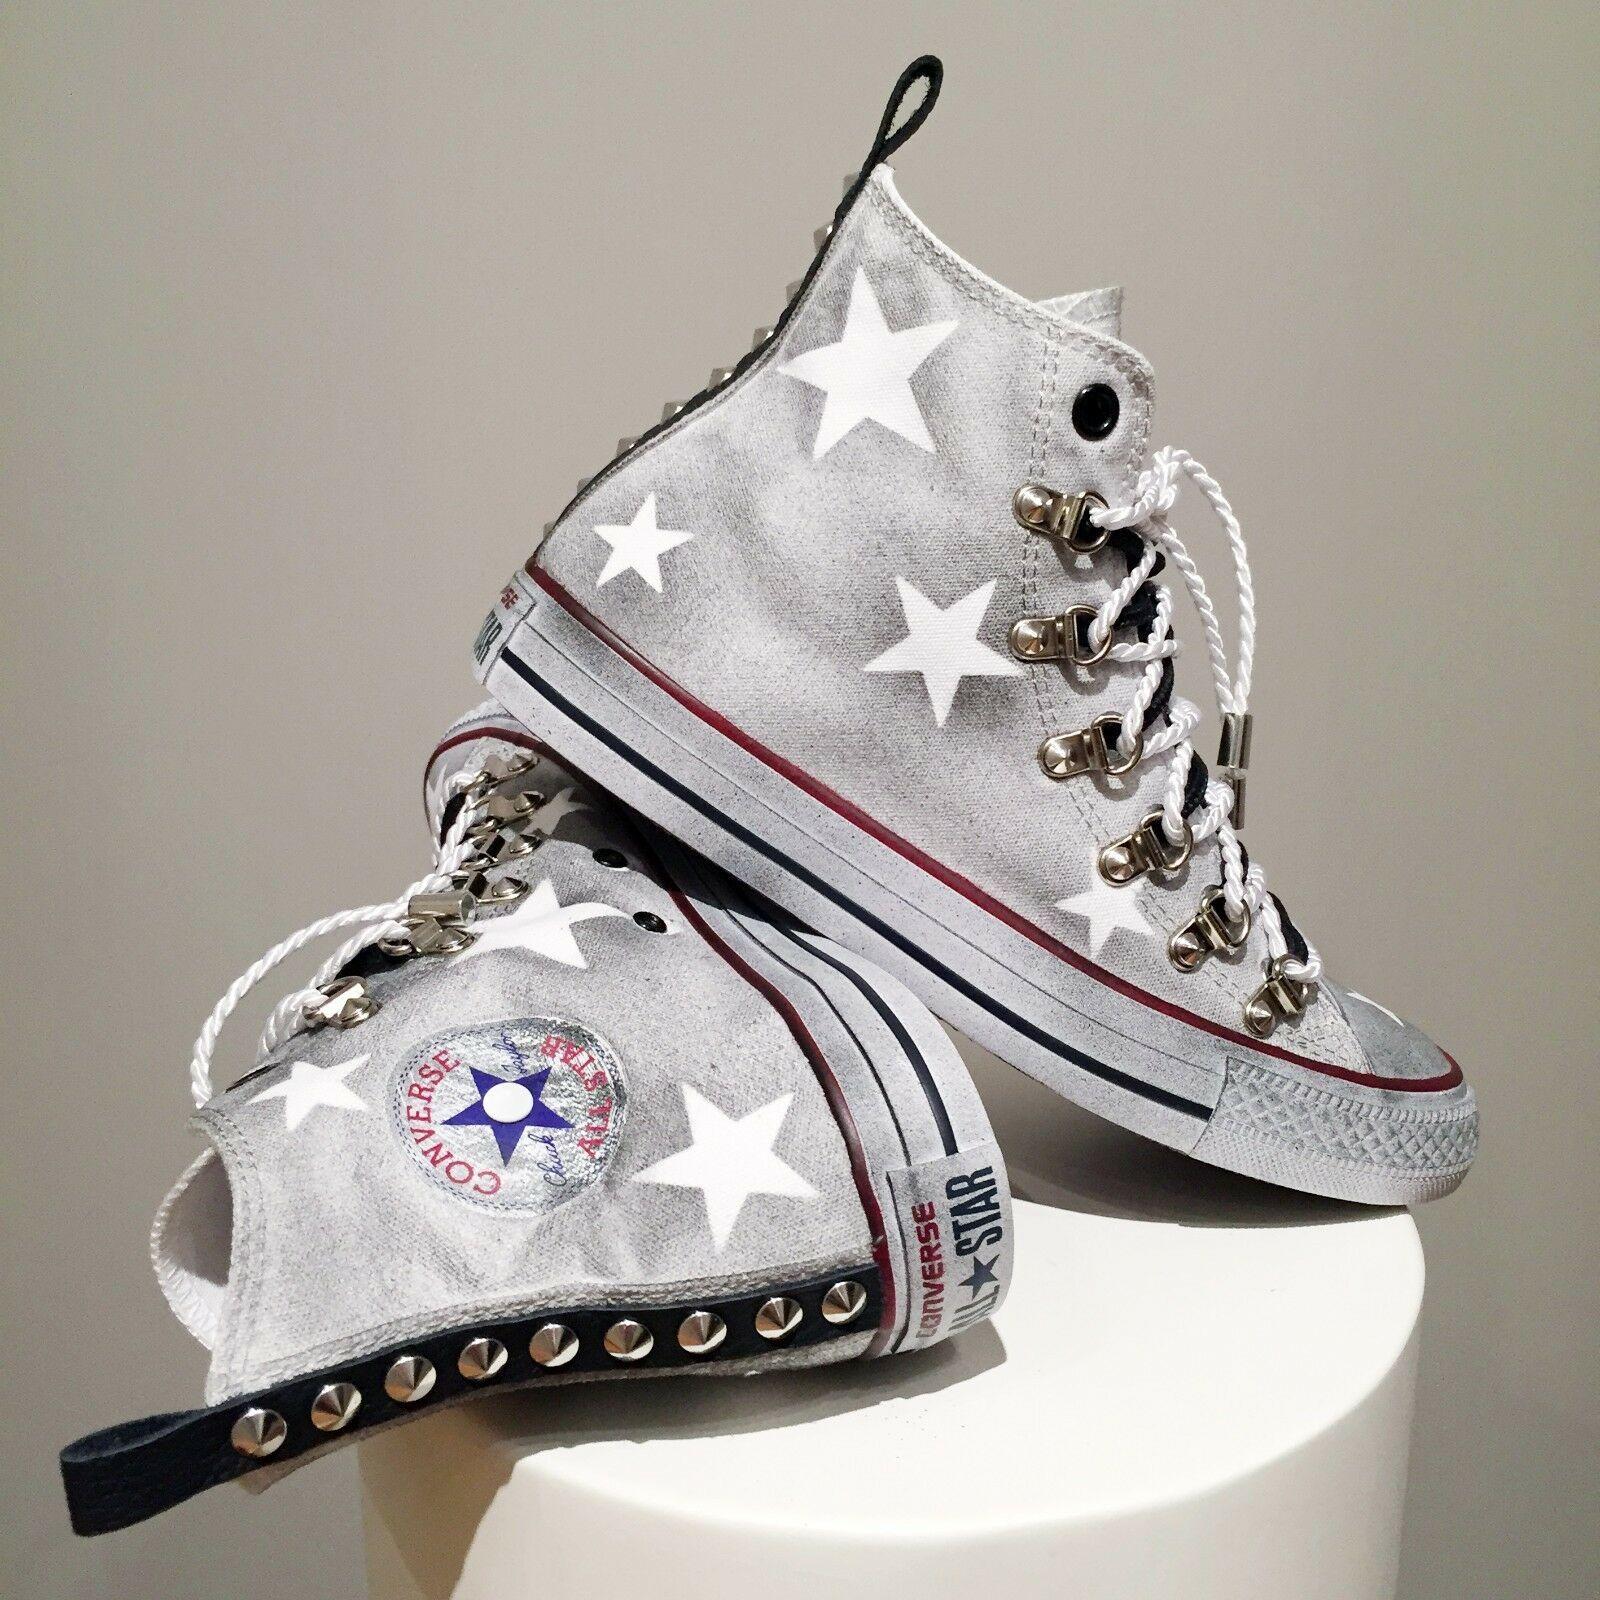 Converse All Star Borchie Chuck Taylor Bianche Personalizzate ...